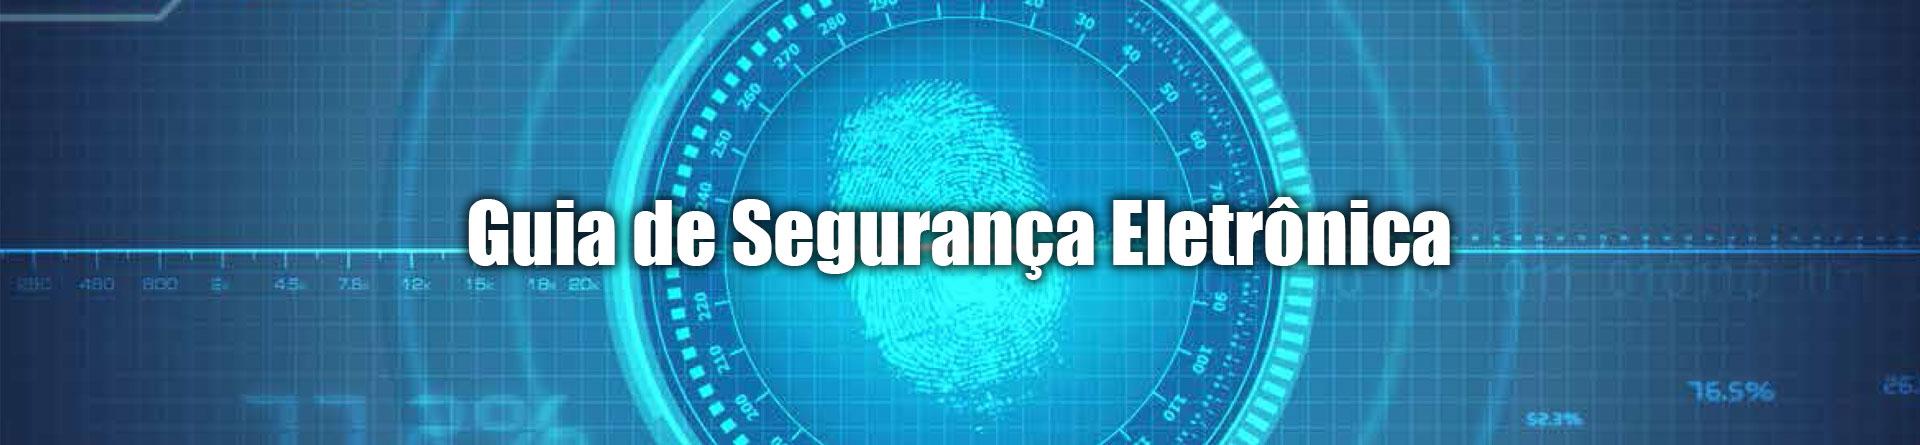 Guia de Segurança Eletrônica